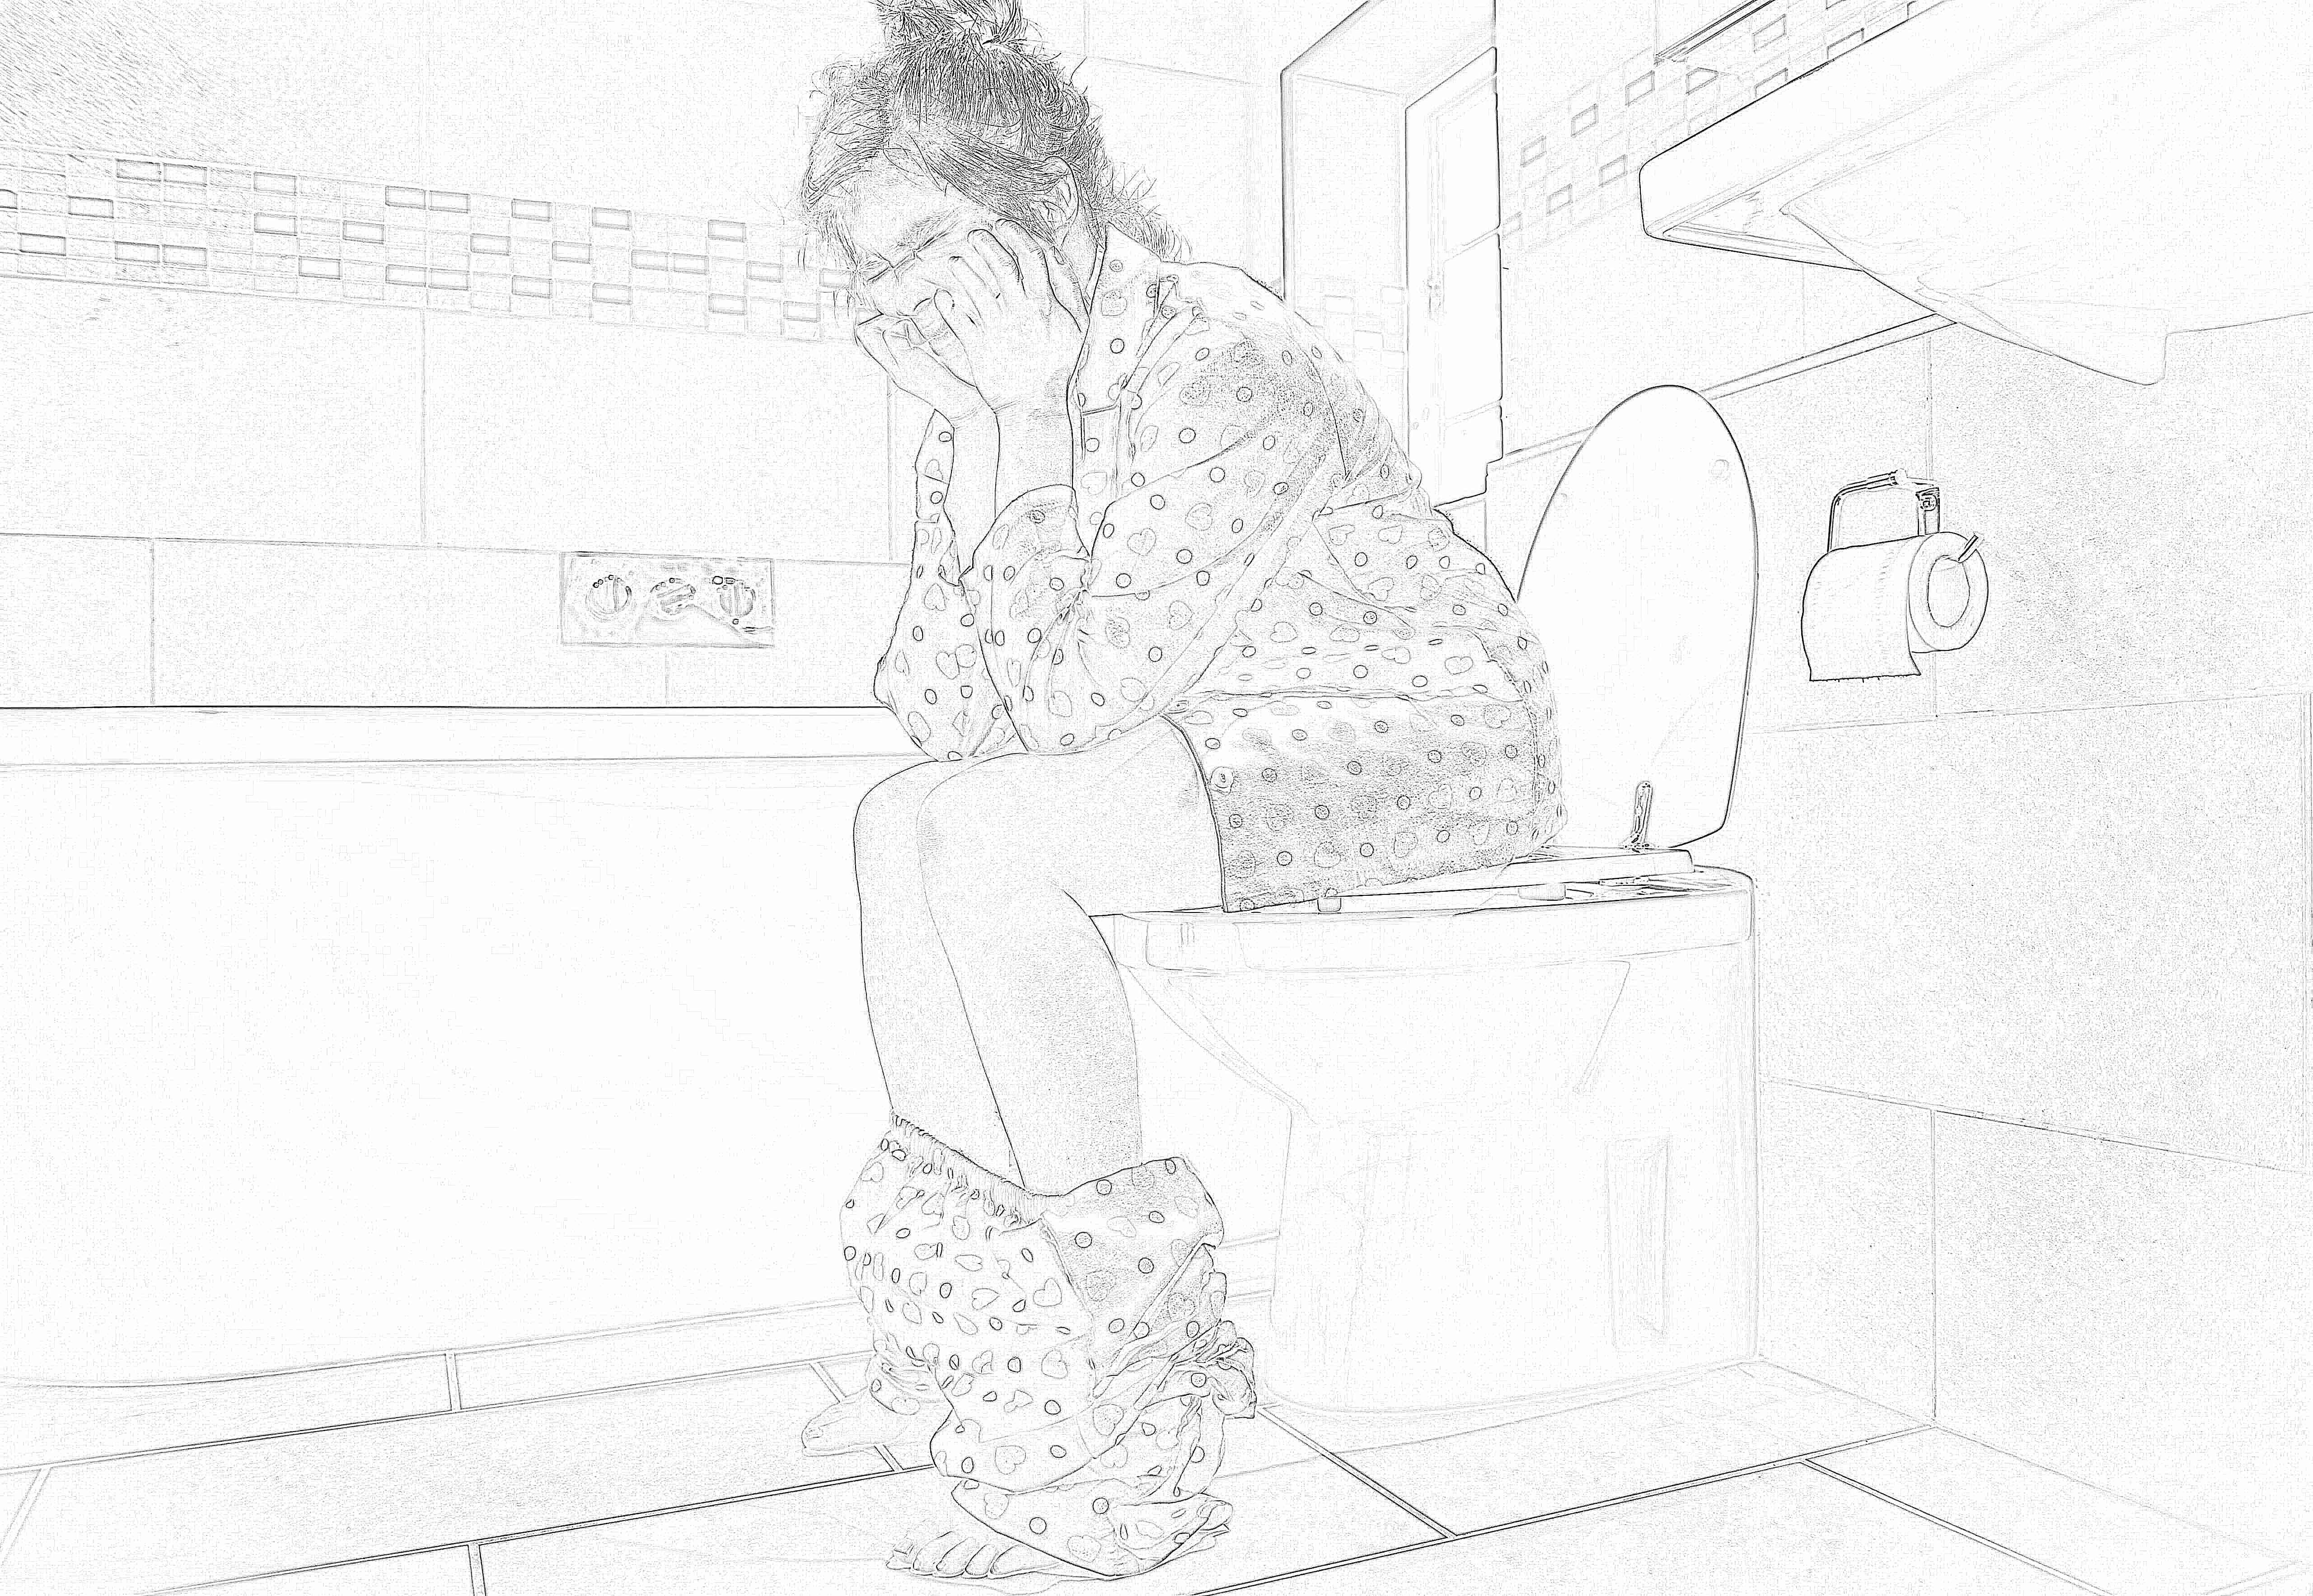 фото женщина на туалете жилье